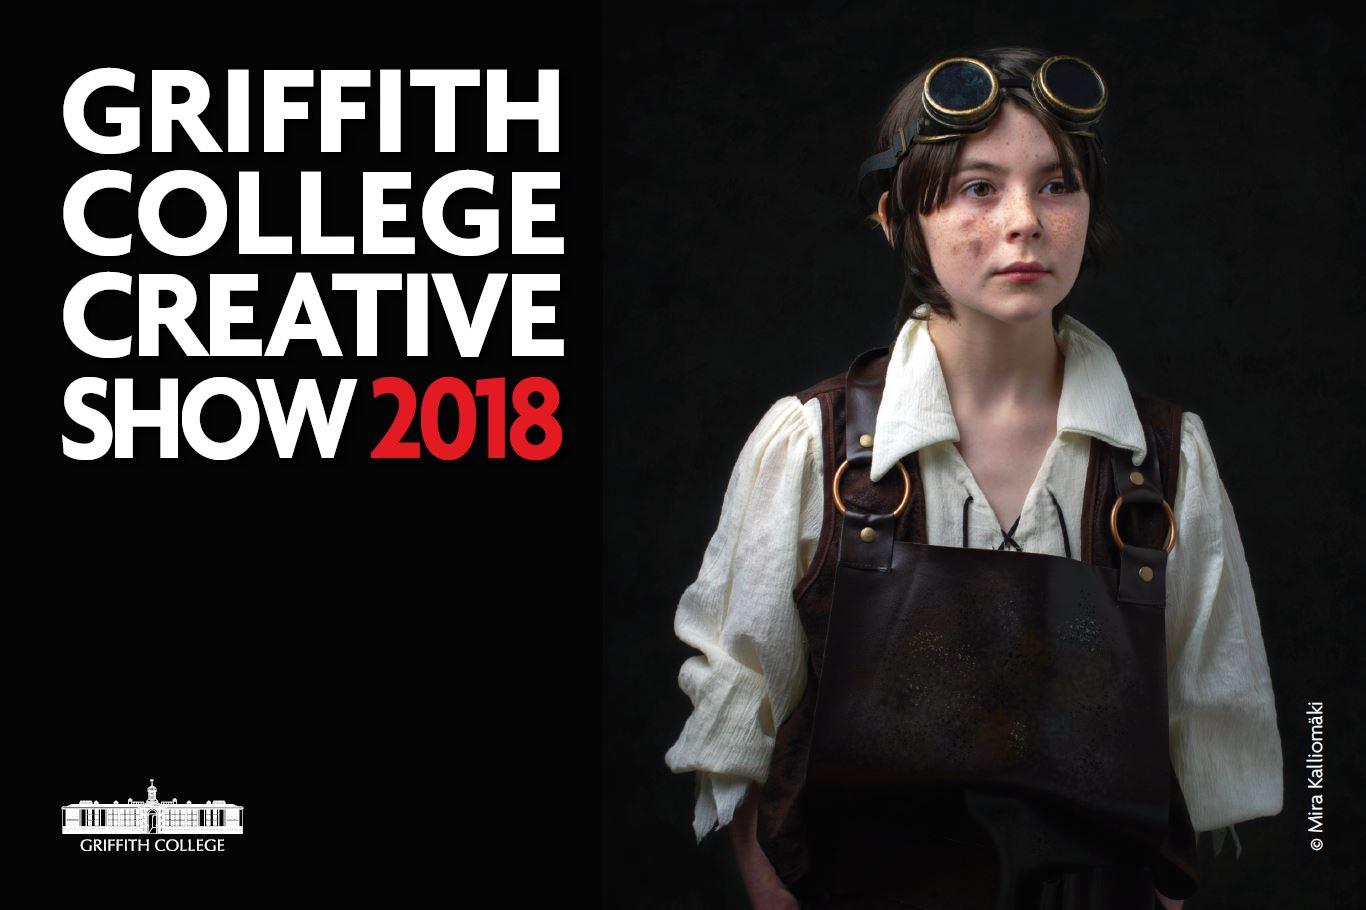 Creative show 2018 Photo Credit: Mira Kalliomäki